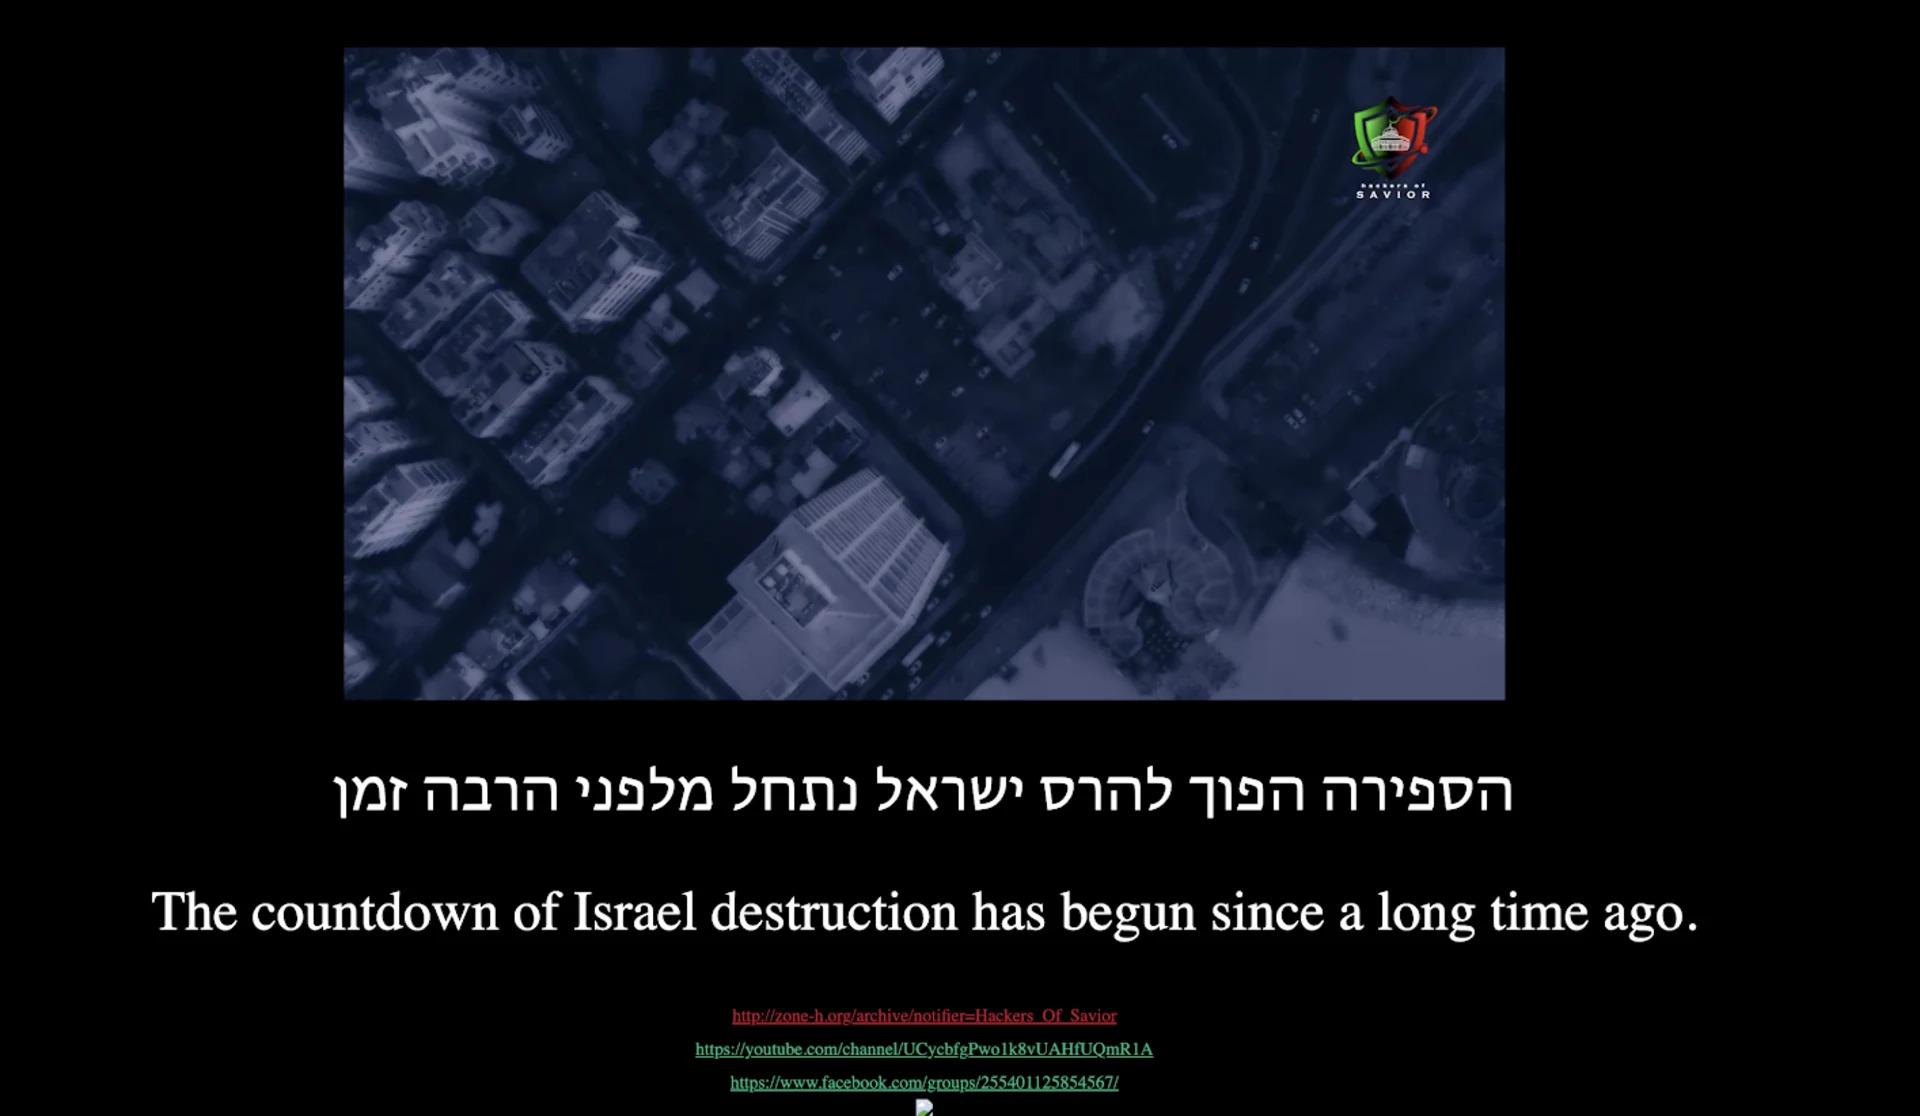 השחתת אתרים ישראליים במתקפה על Upress 🖼️ מולי באהר